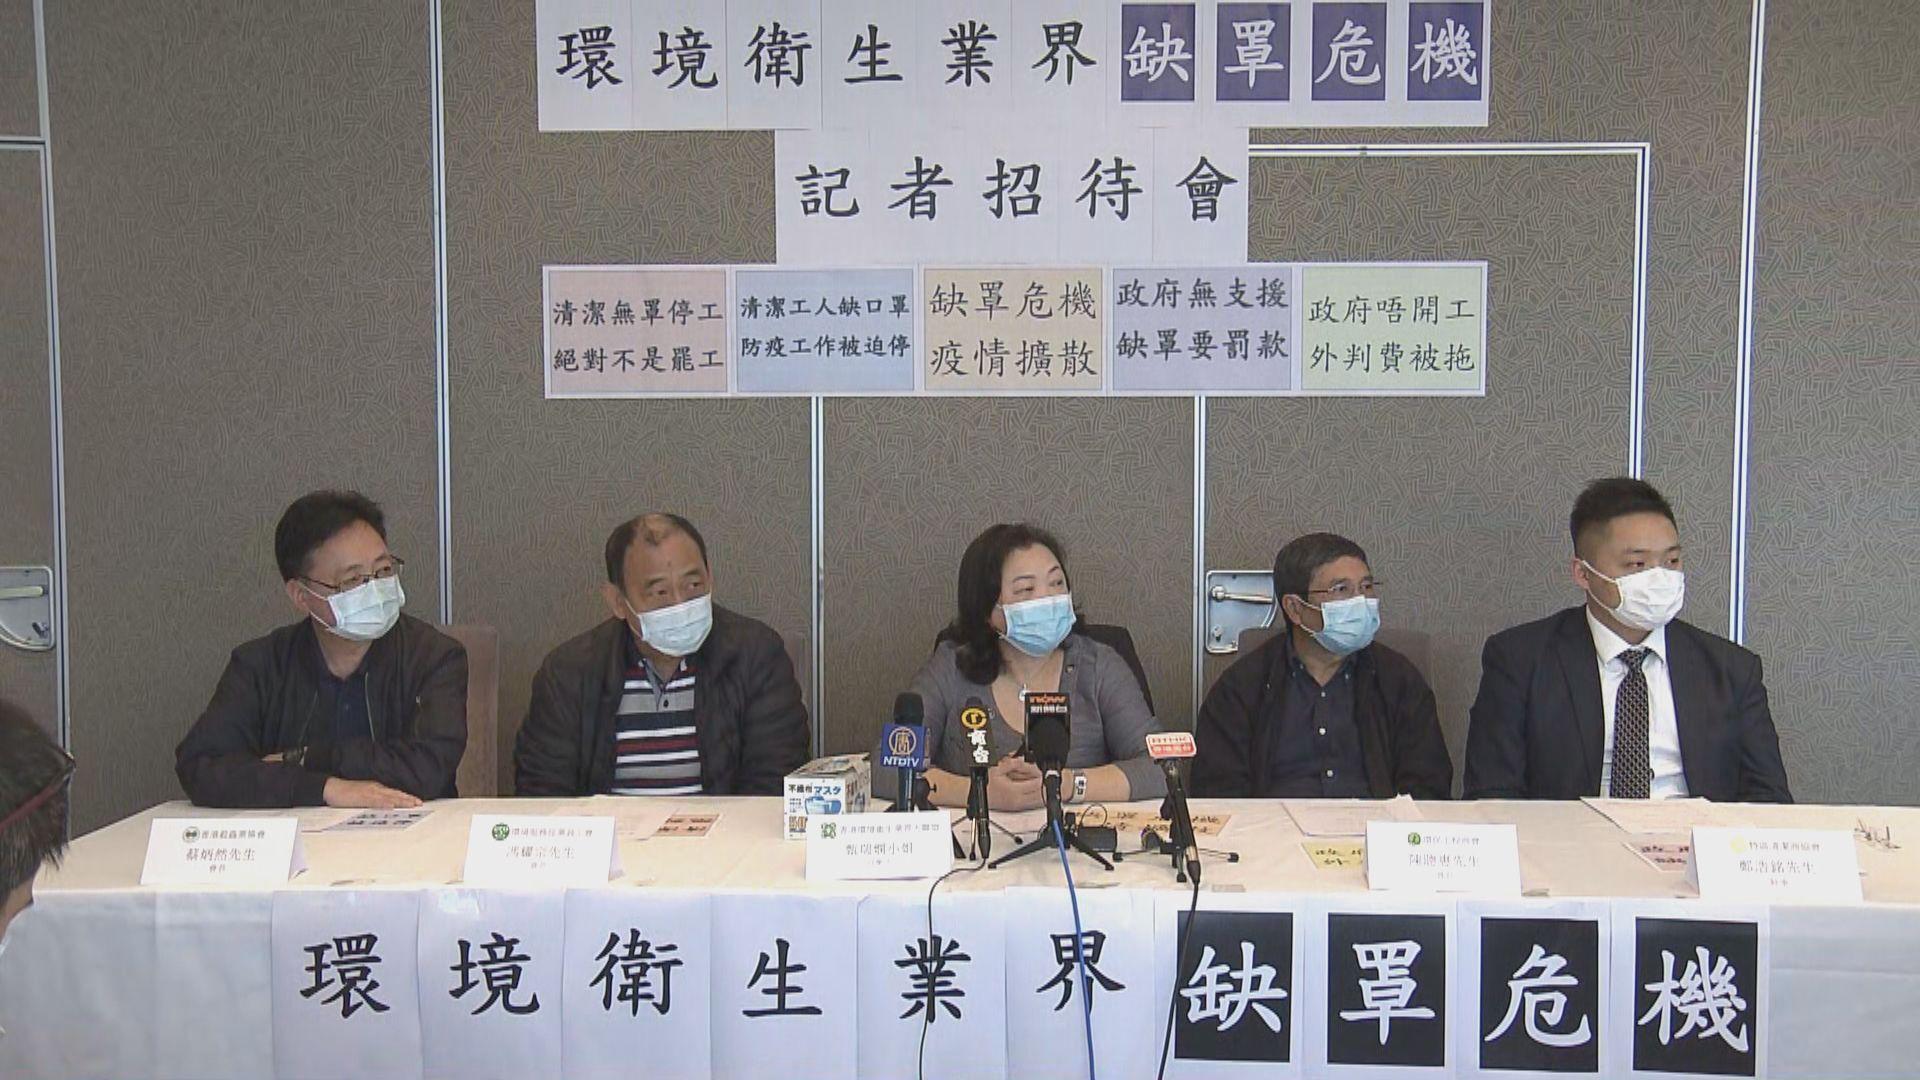 清潔工口罩不足 業界要求政府協助提供